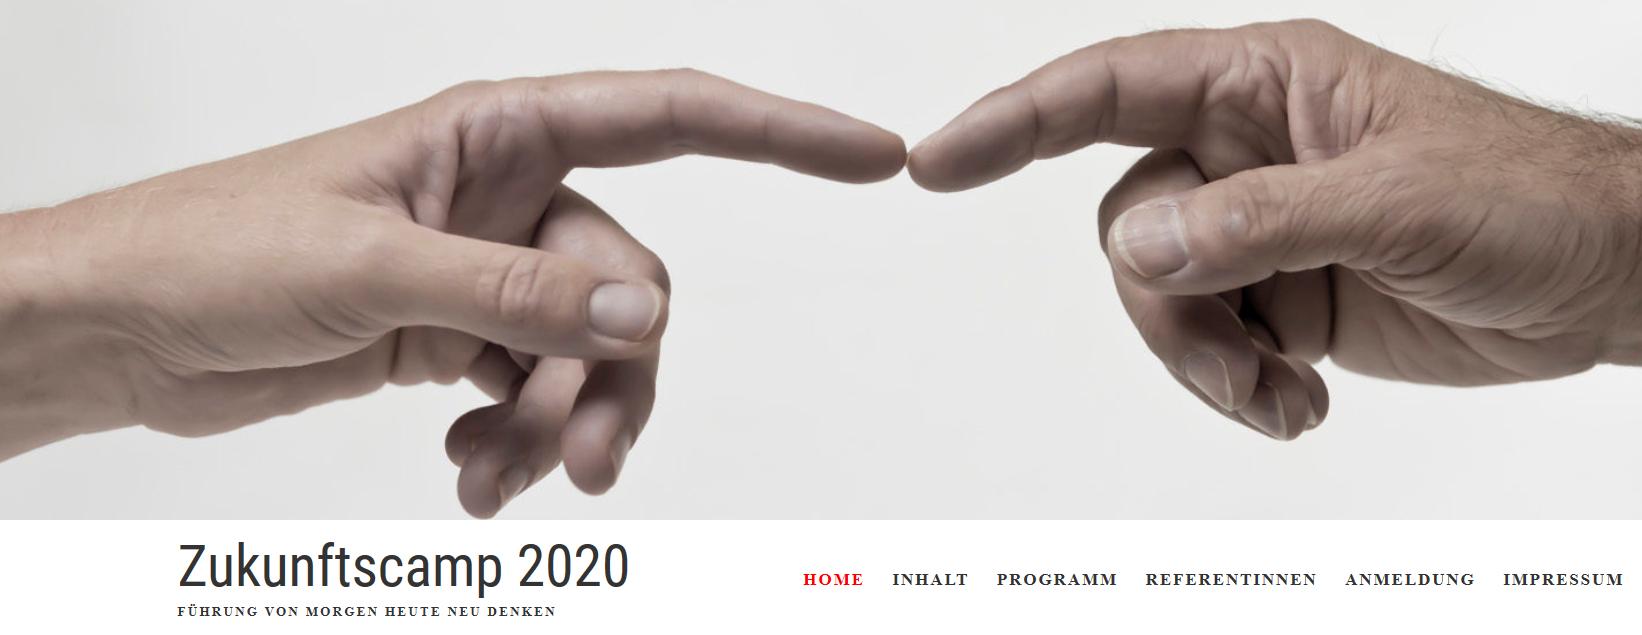 Zukunftscamp 2020 - FÜHRUNG VON MORGEN HEUTE NEU DENKEN